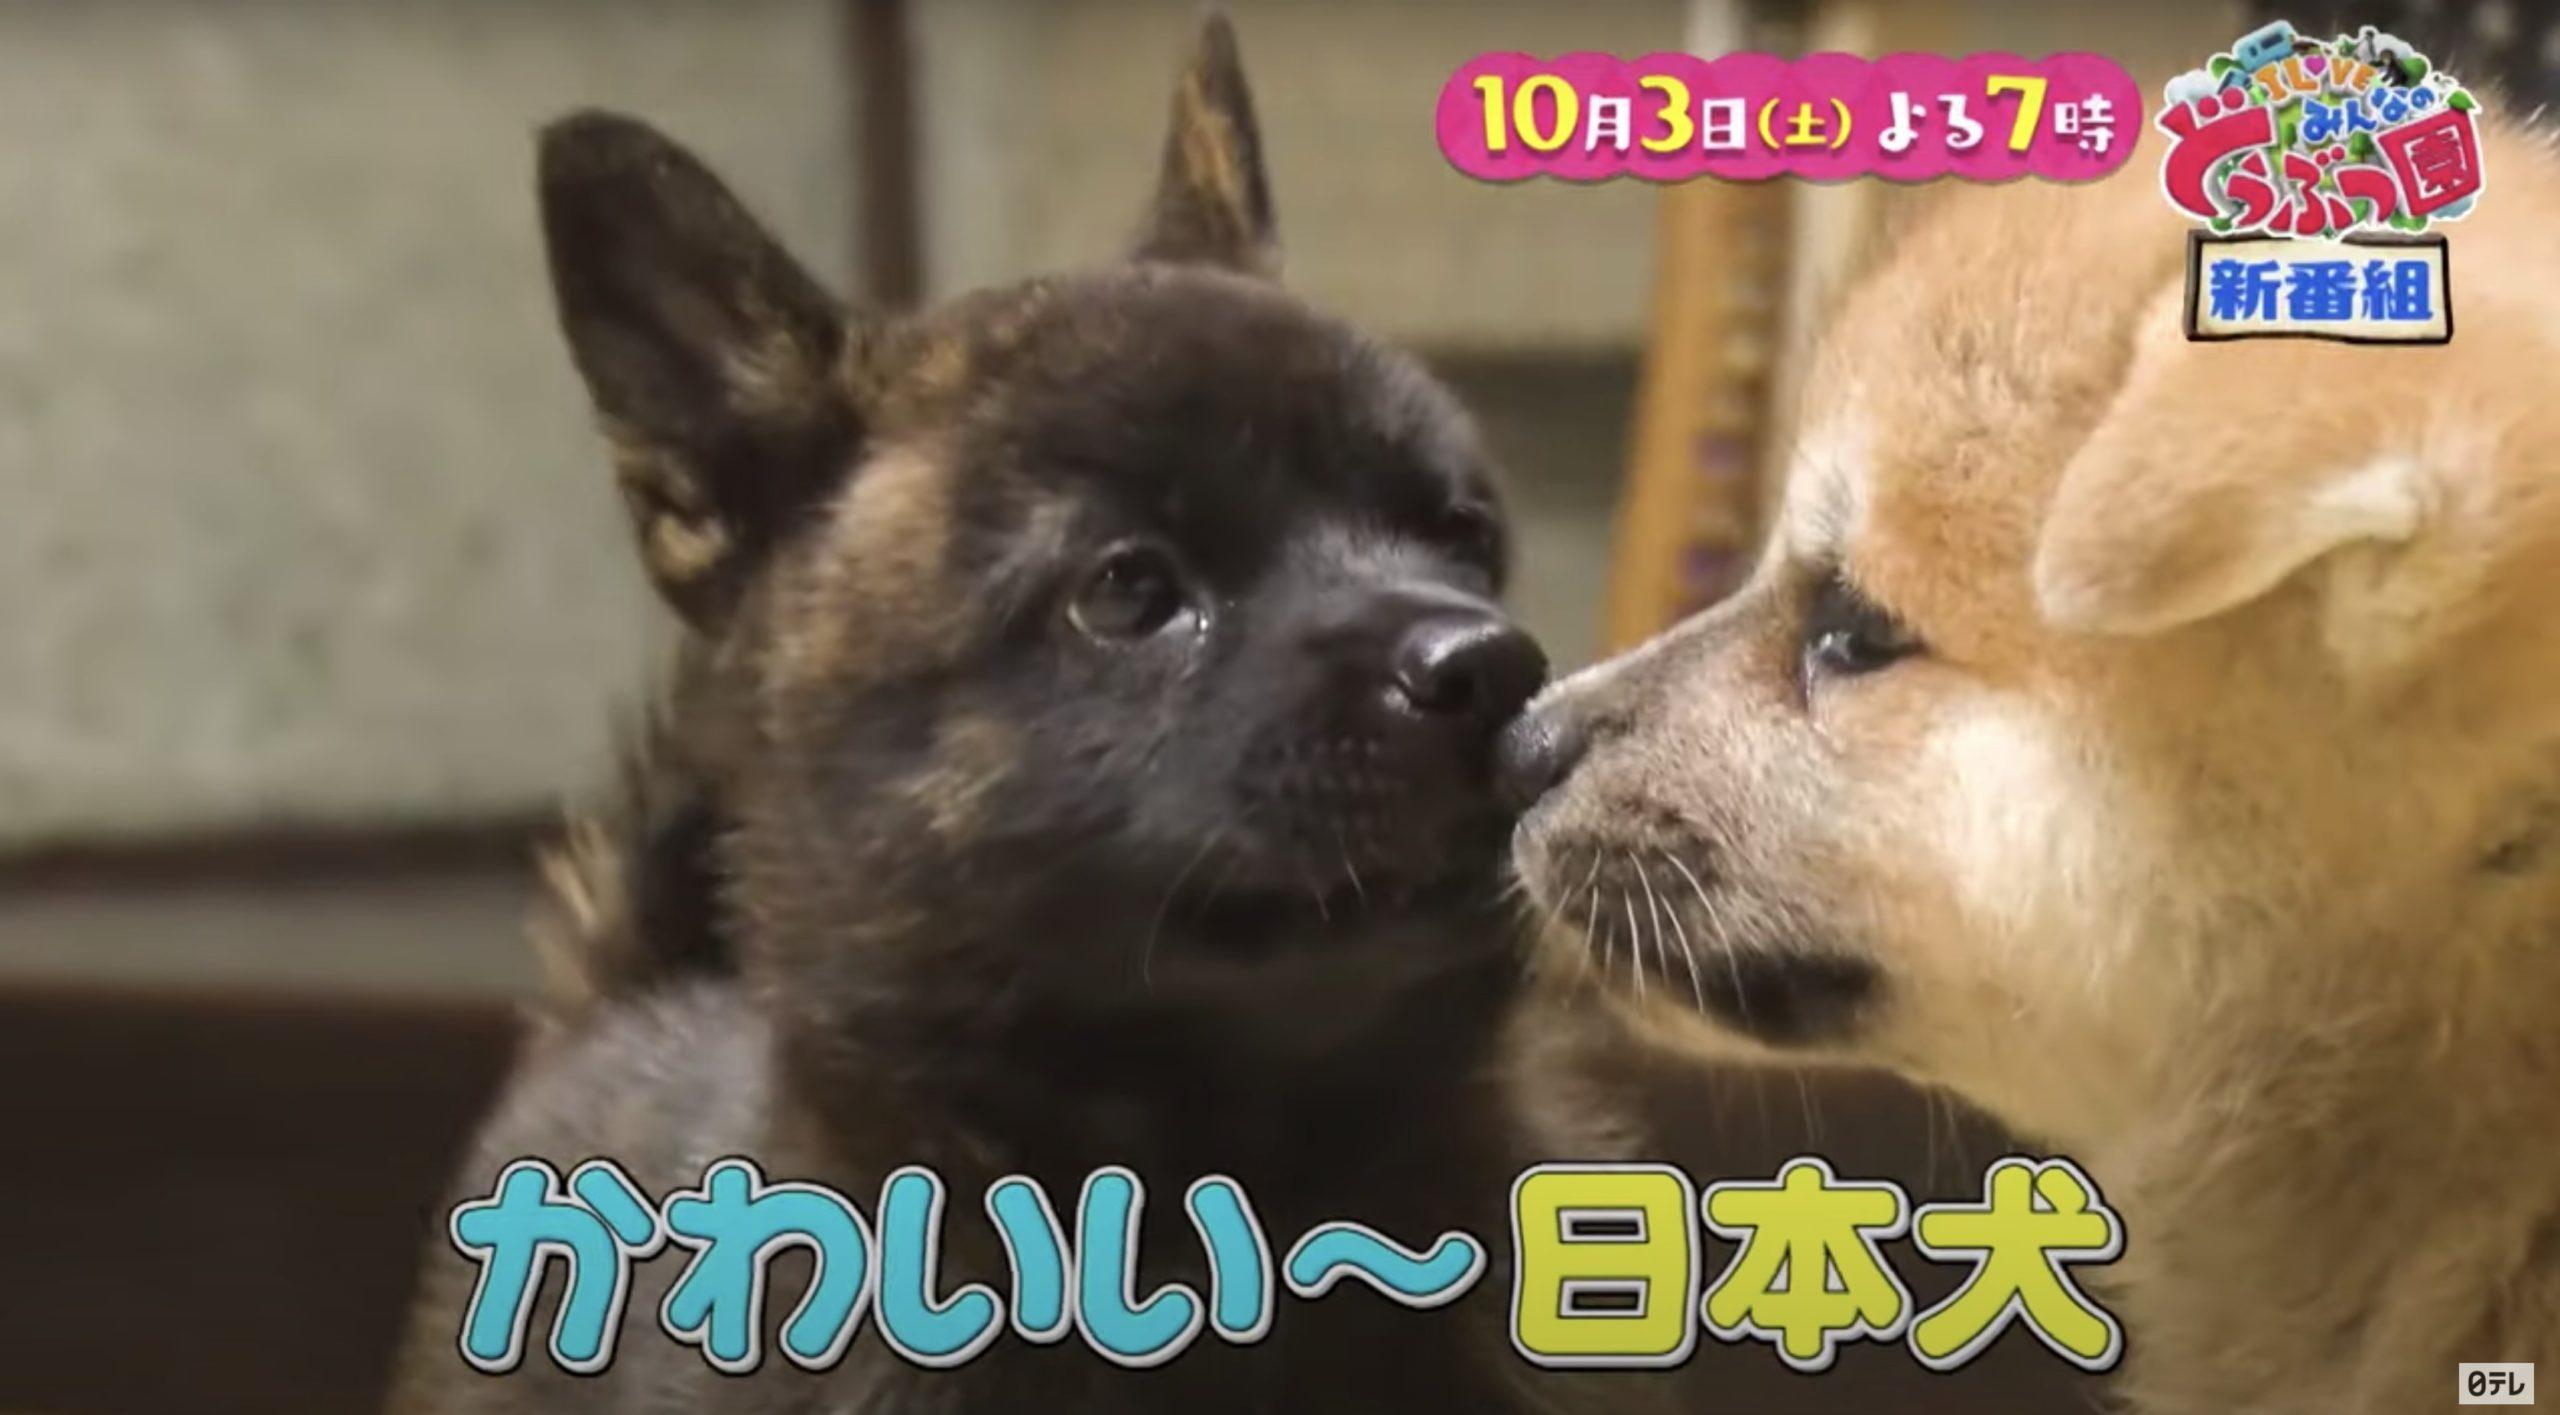 I LOVEみんなの動物園(10月3日)の無料動画や見逃し配信をフル視聴する方法!